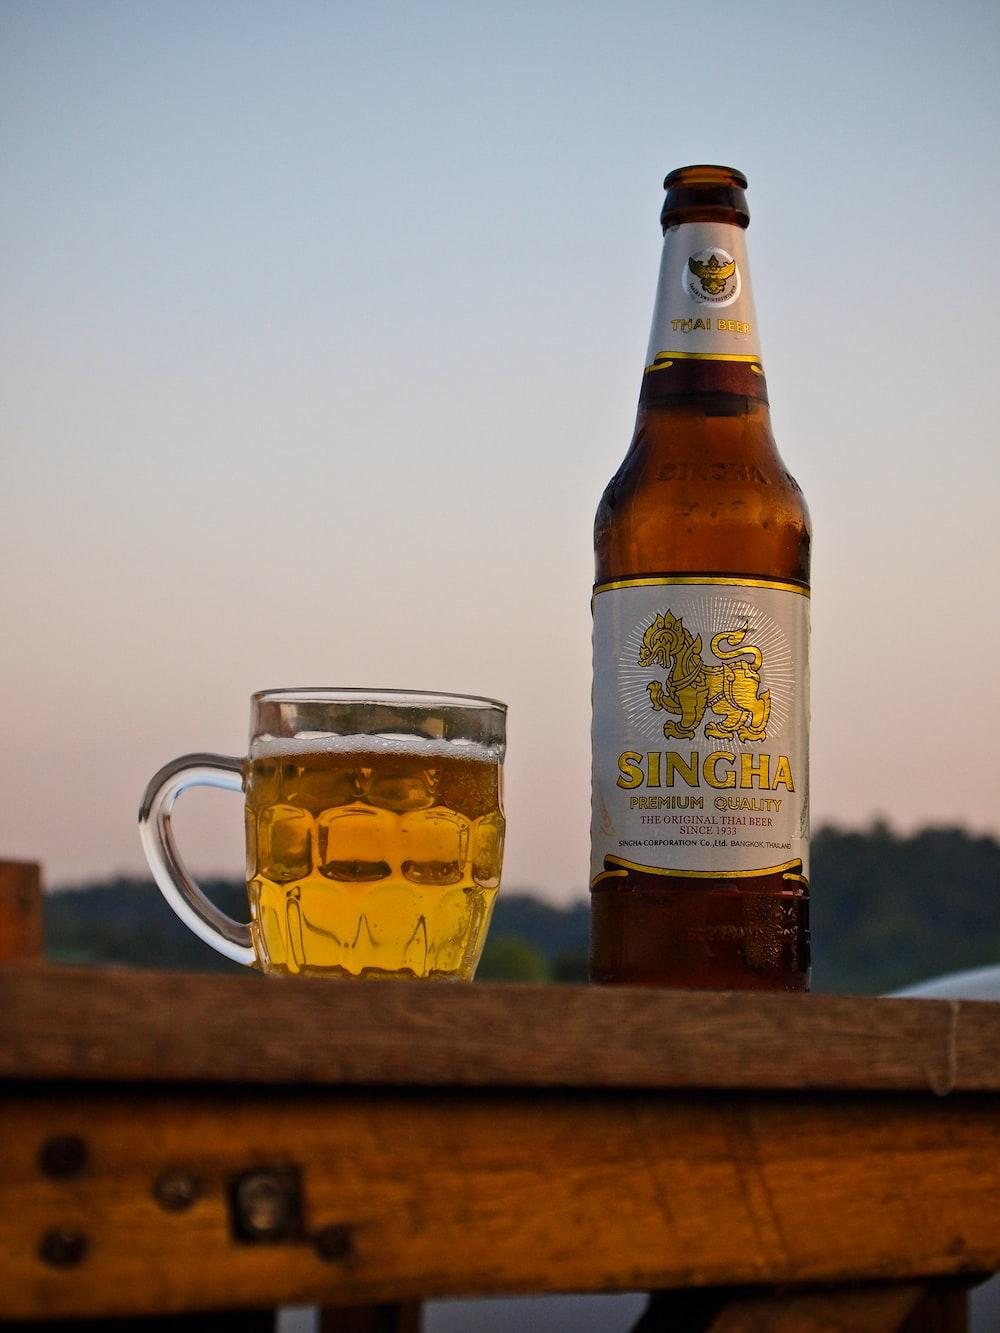 amber glass bottle beside beer mug